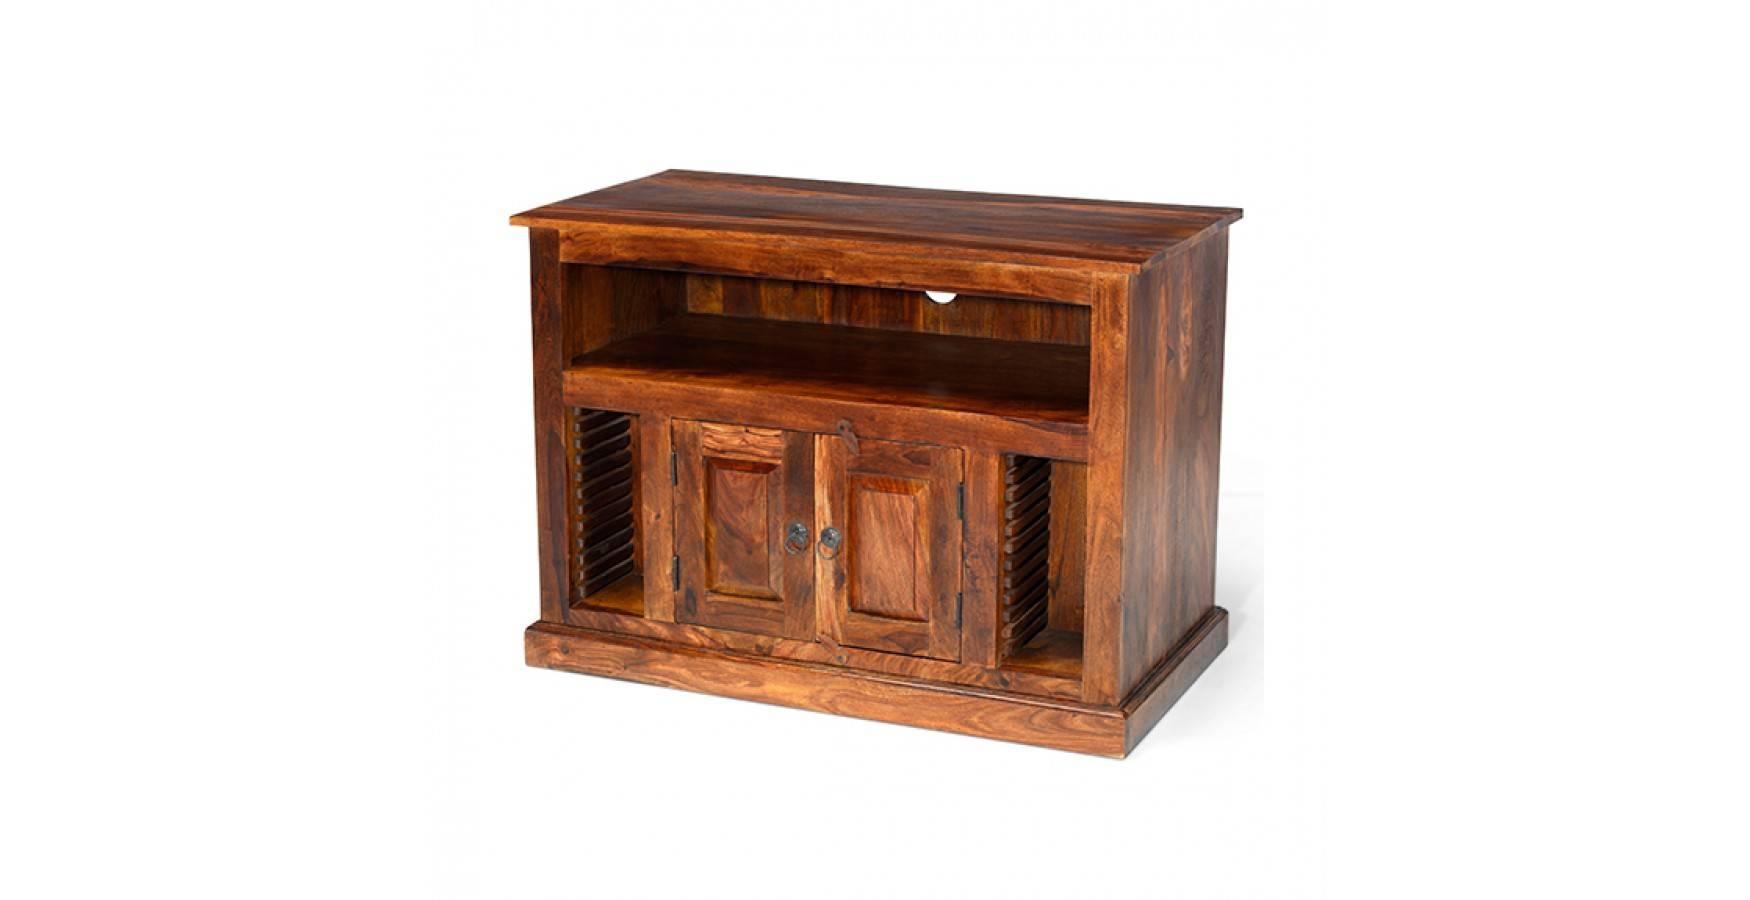 Jali Sheesham Chunky Tv Stand - Lifestyle Furniture Uk throughout Jali Tv Cabinets (Image 8 of 15)